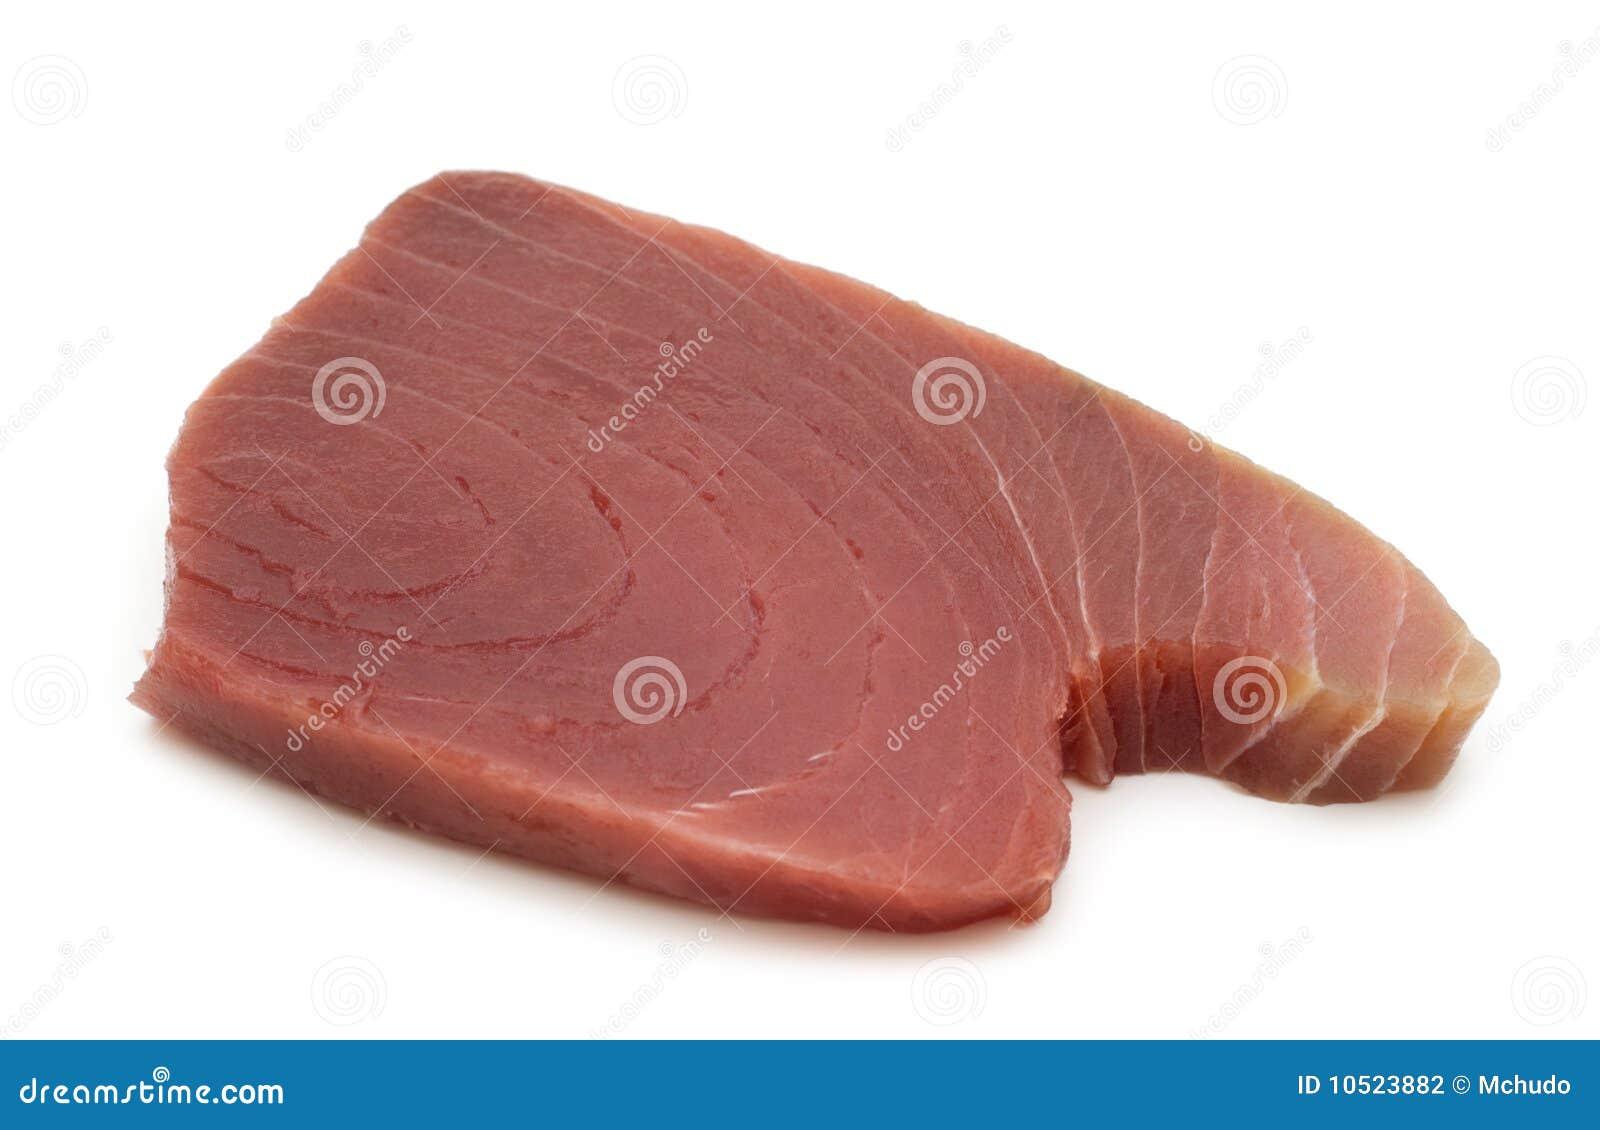 Raw tuna steaks